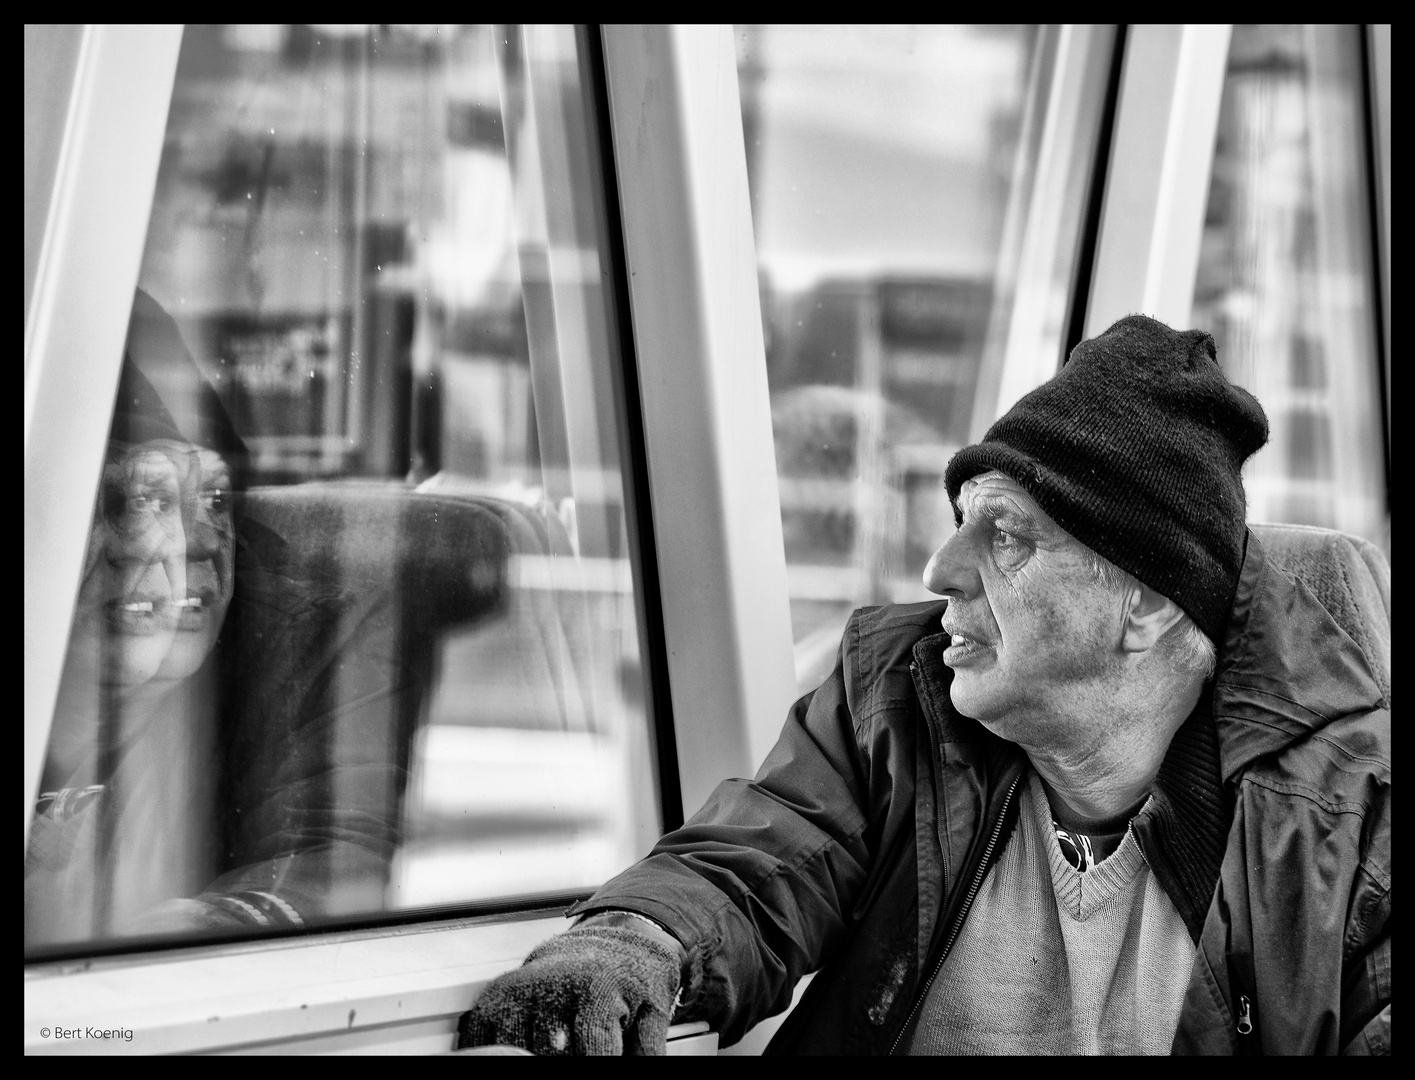 Bahnfahrt in Gedanken